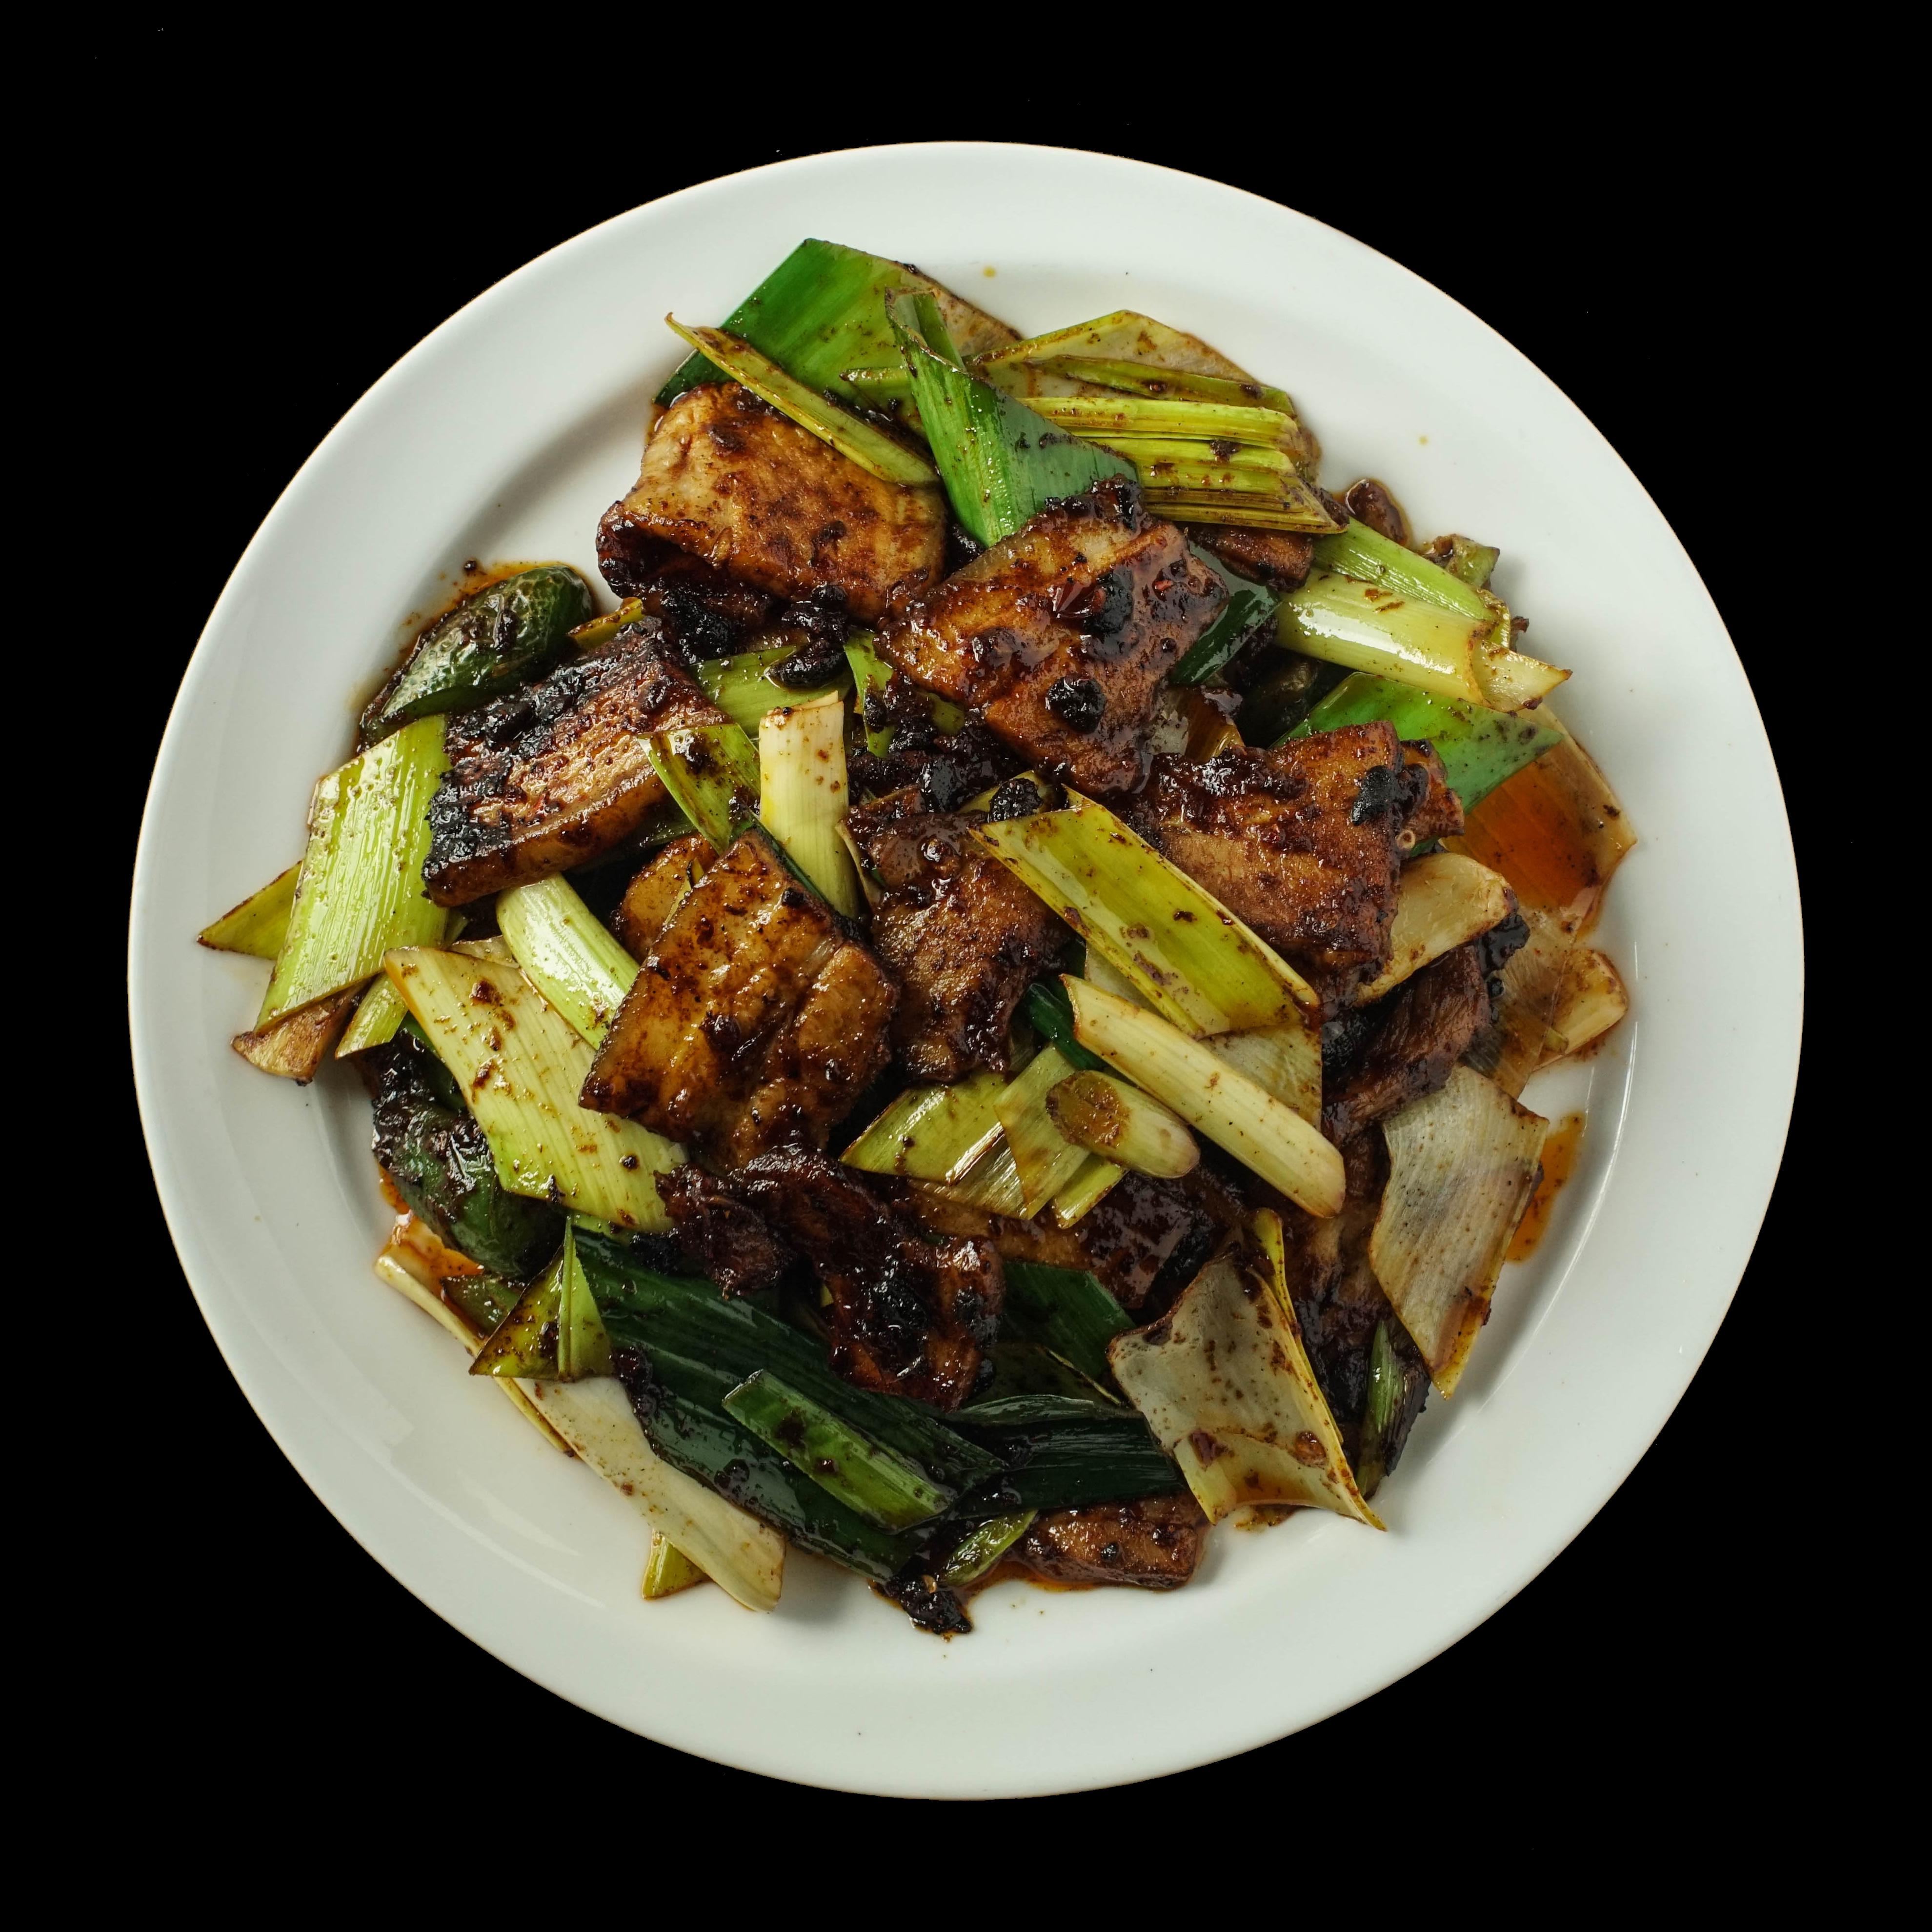 91. 回锅肉 Twice Cooked Pork Belly Image